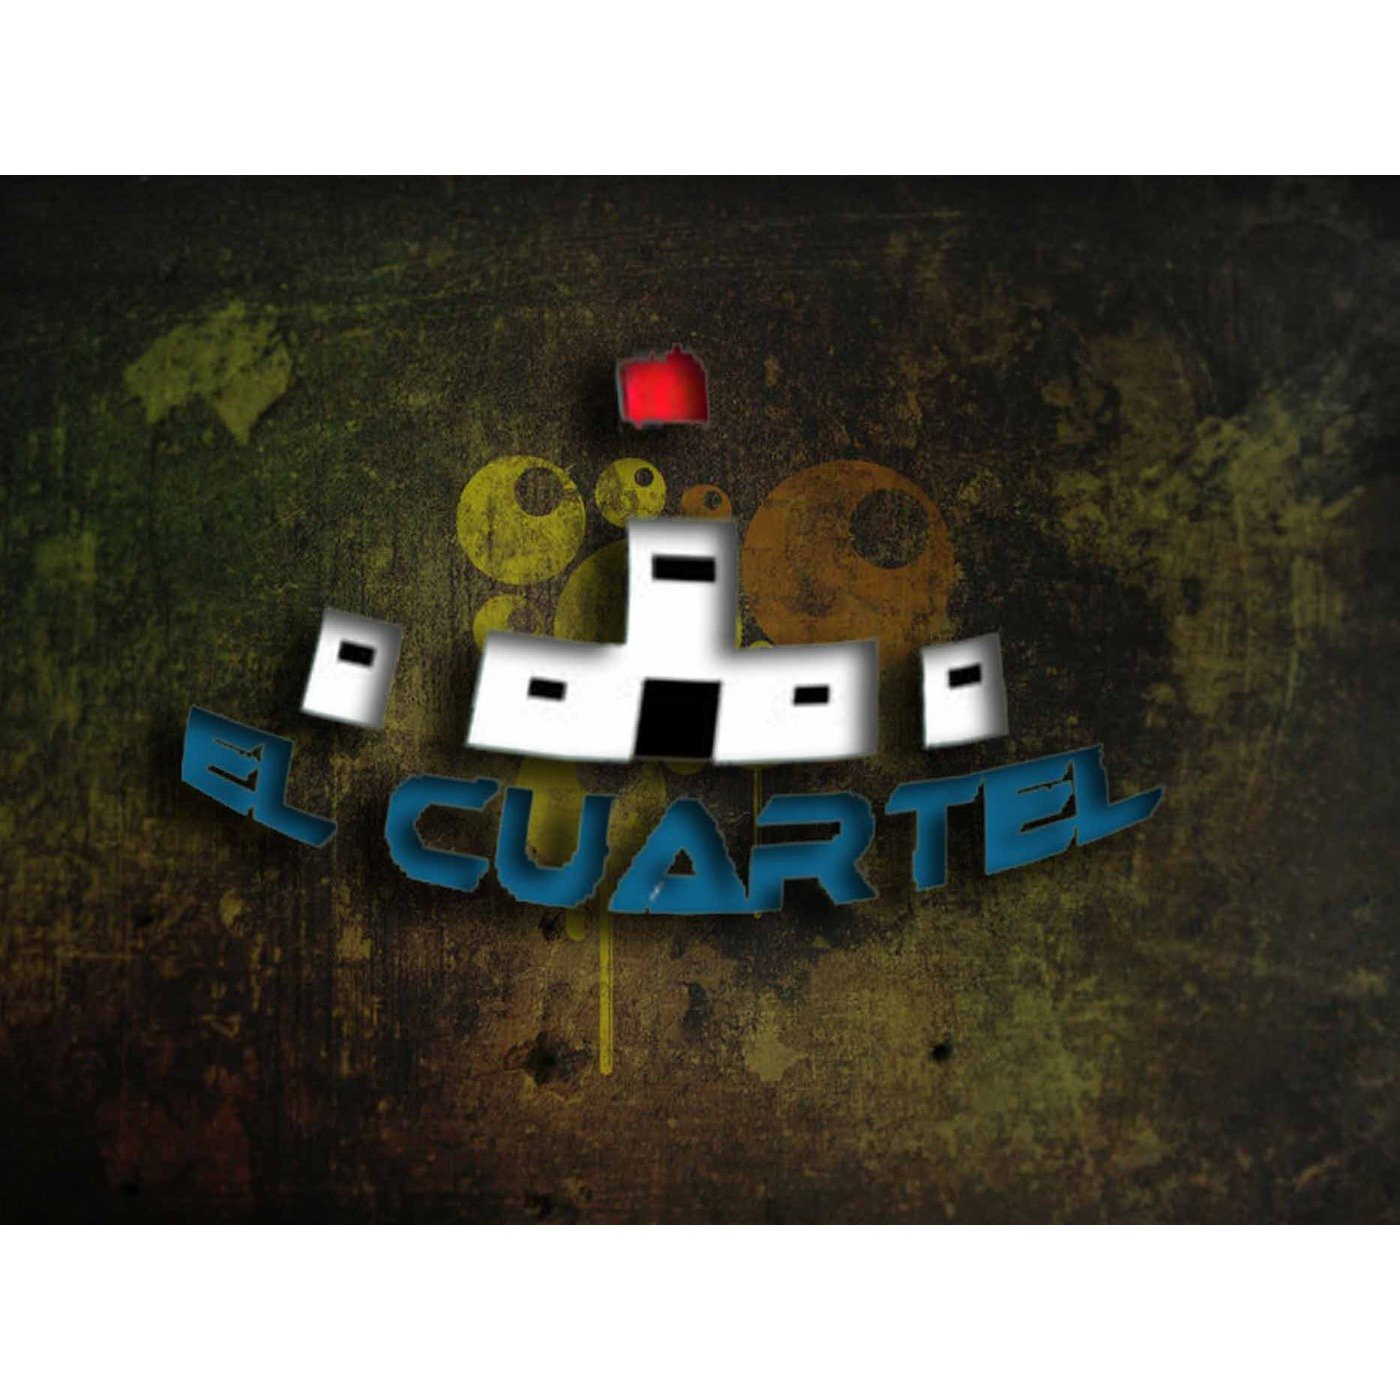 <![CDATA[Podcast de El Cuartel]]>